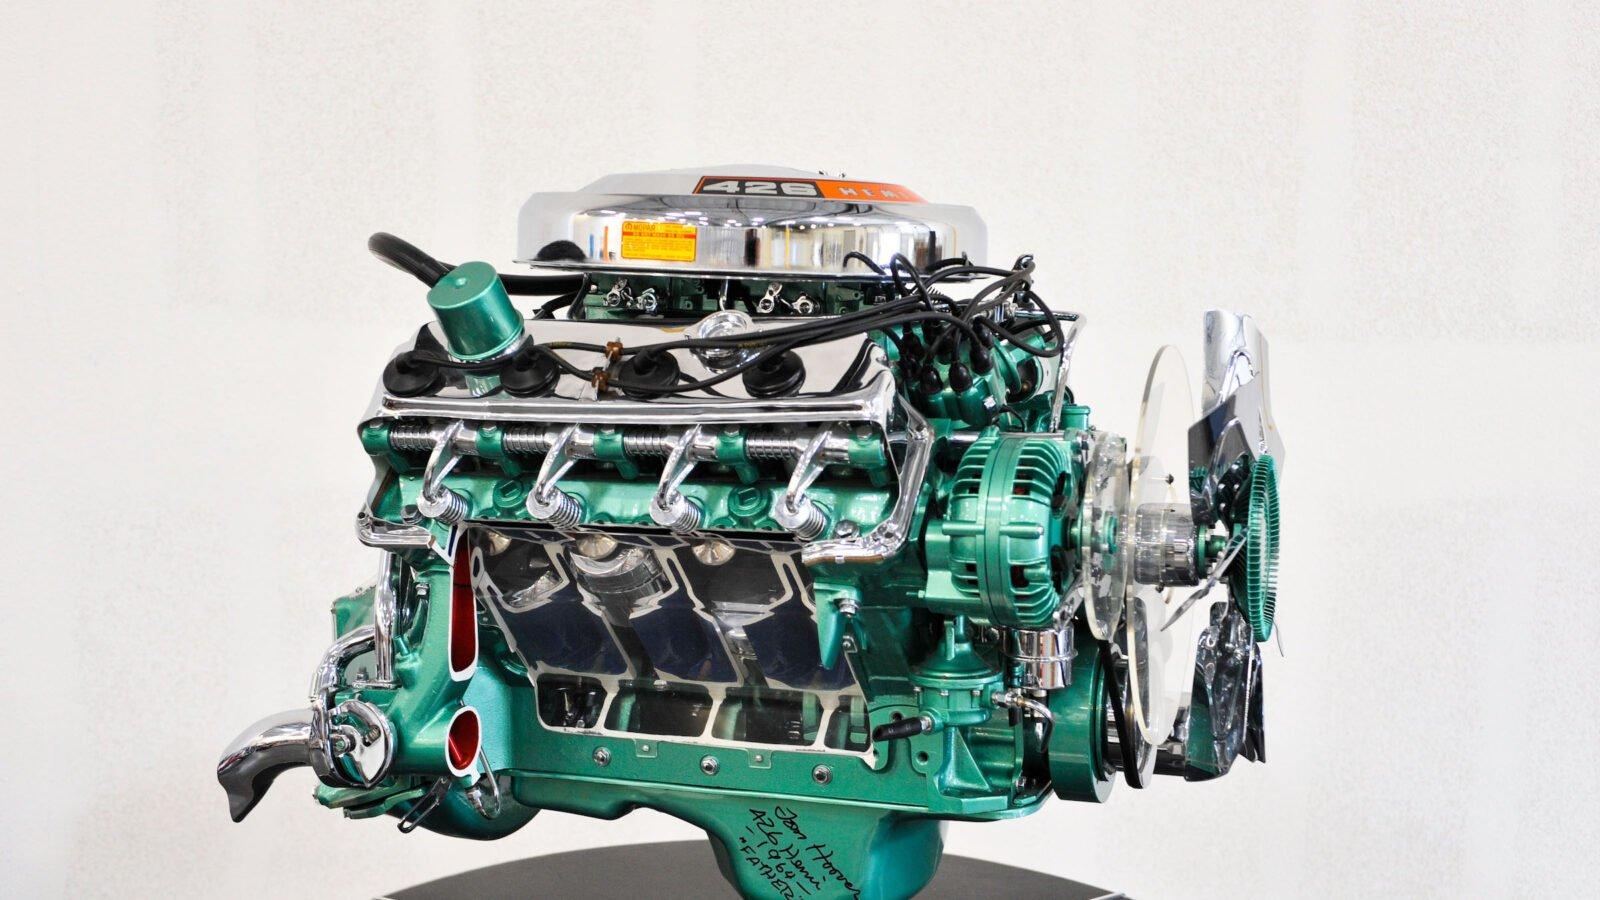 426 hemi engine weight